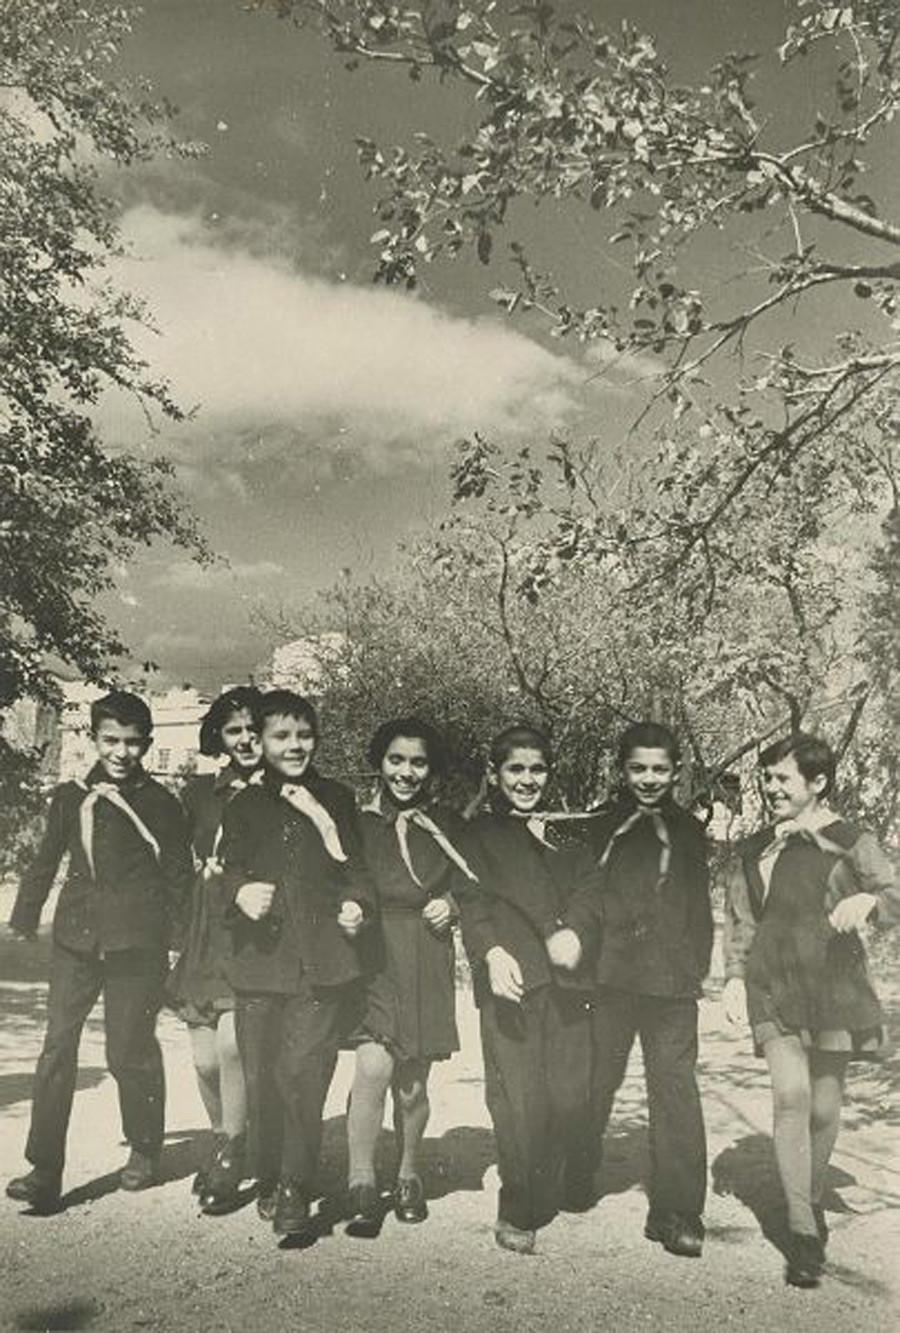 ピオネール、1960年代